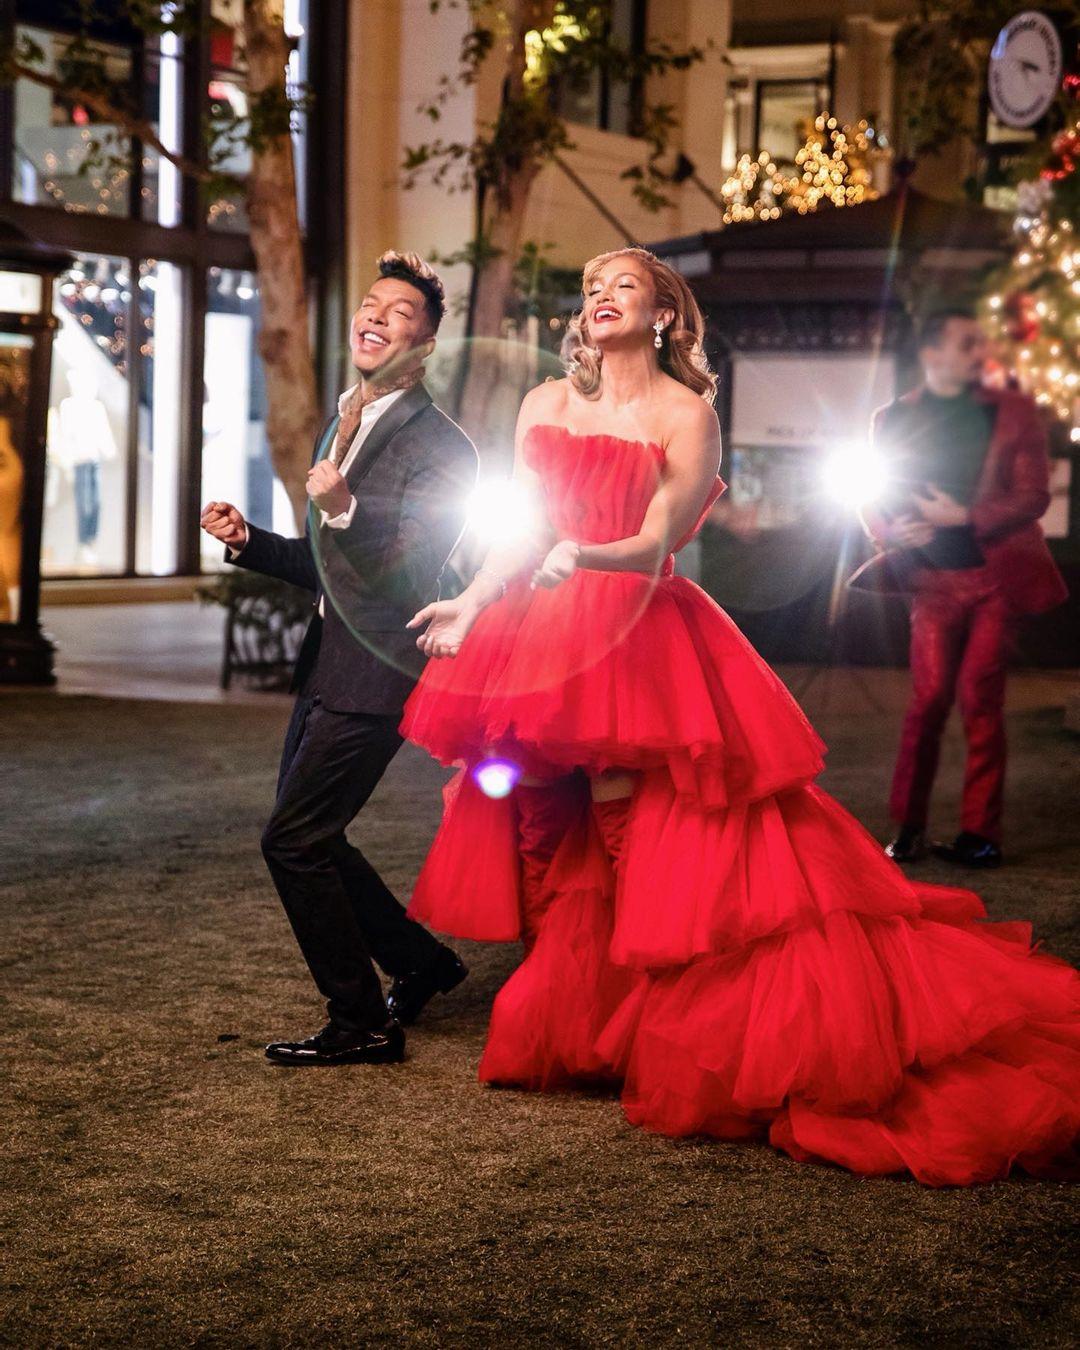 ჯენიფერ ლოპესის საახალწლო სიმღერა და მაგიური წითელი კაბა (ვიდეო)